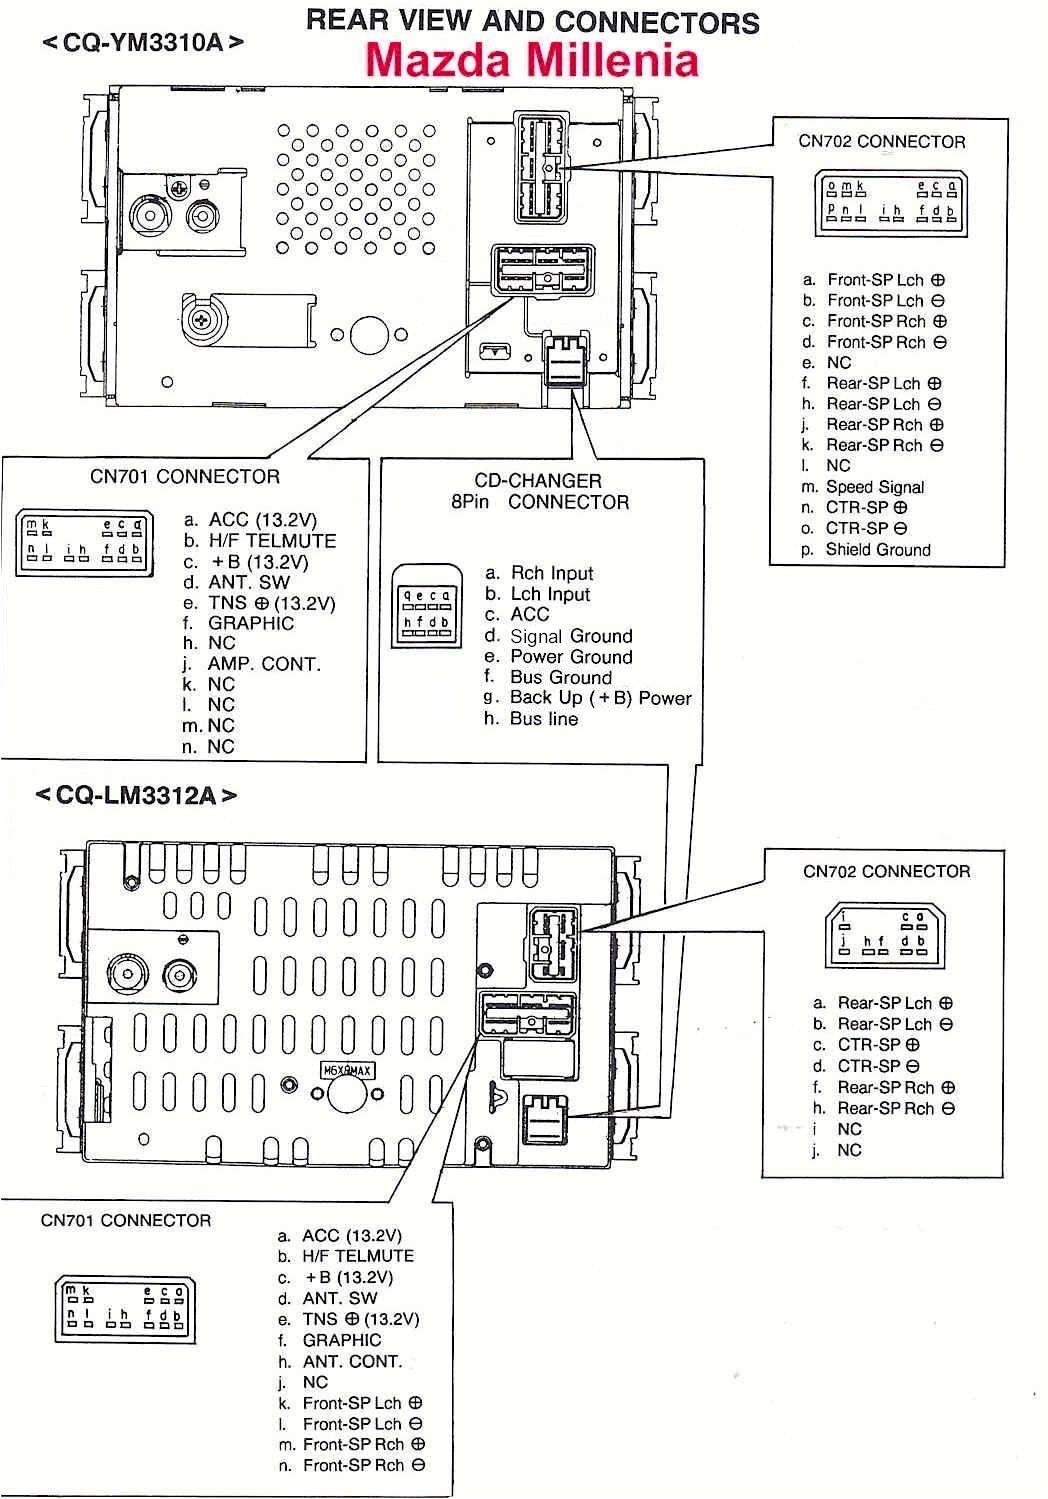 wireharnessmazdamillenia03180201 jpg